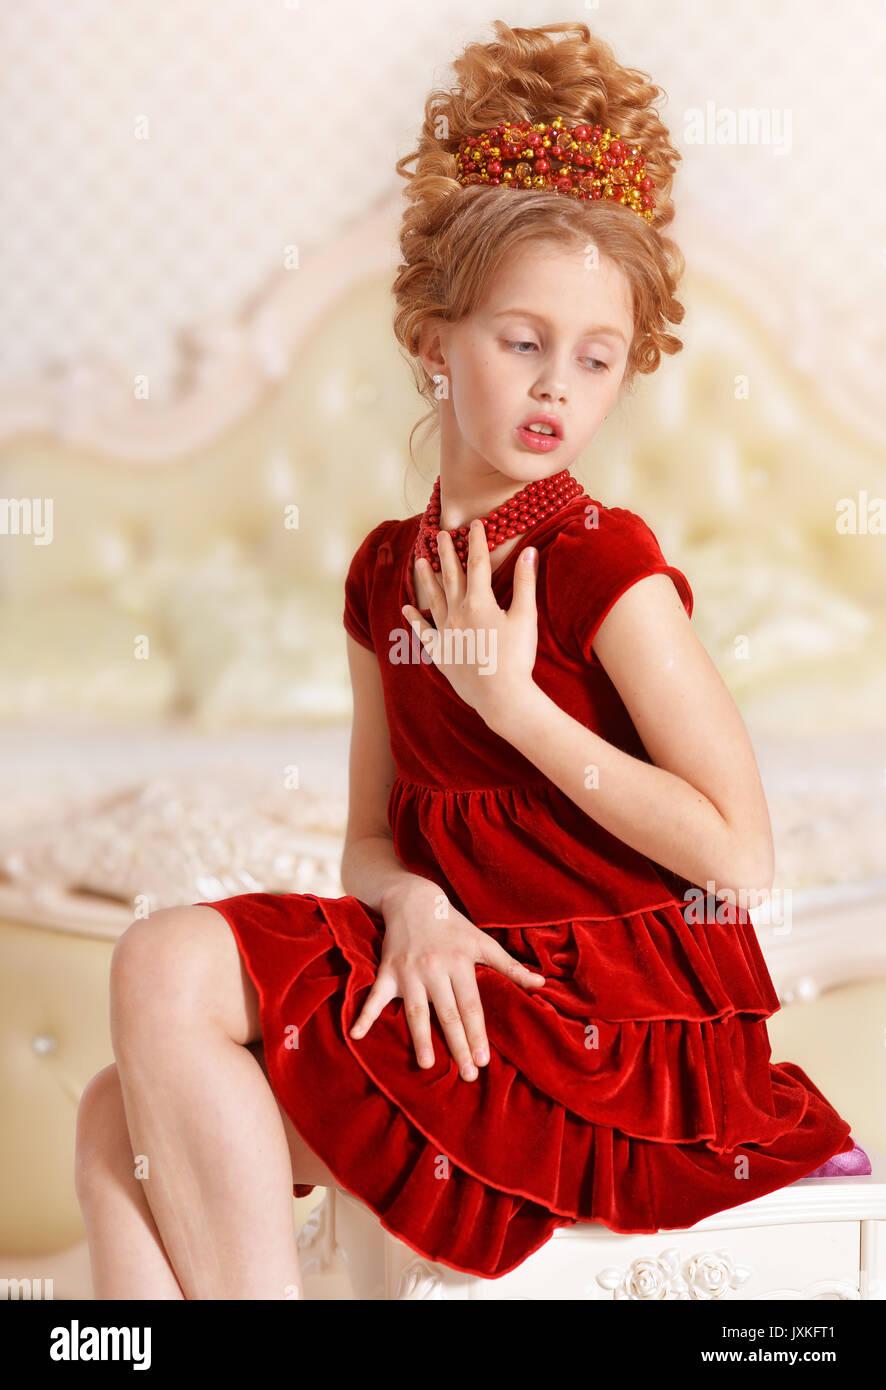 08e6ae00e40d little girl in red velvet dress Stock Photo: 154093521 - Alamy